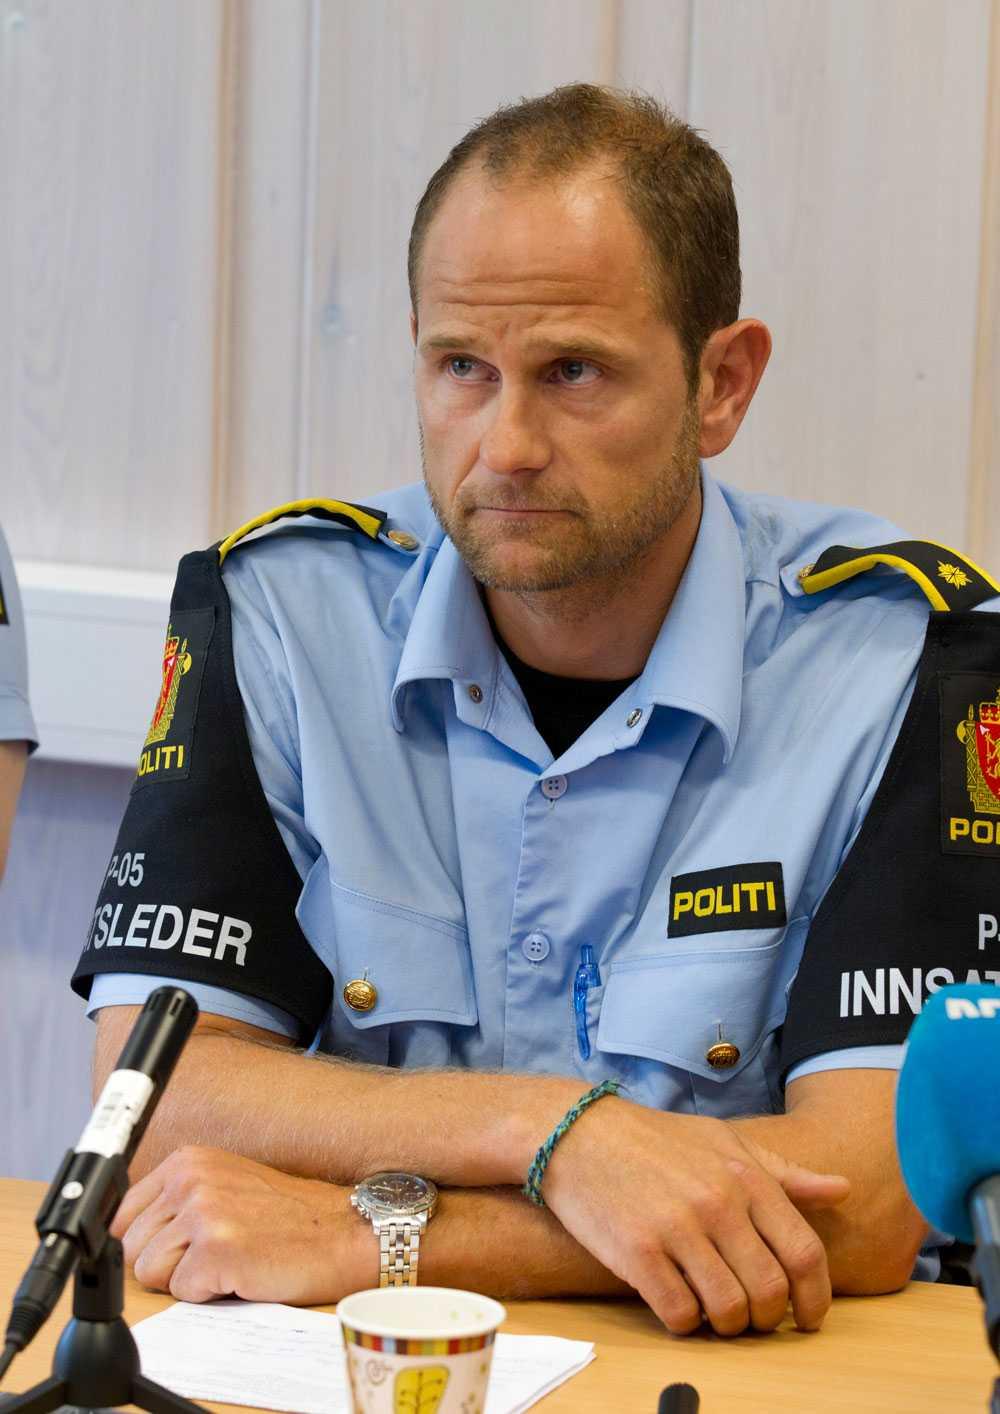 Håvard Gåsbakk ledde insatsstyrkan som grep Anders Behring Breivik.